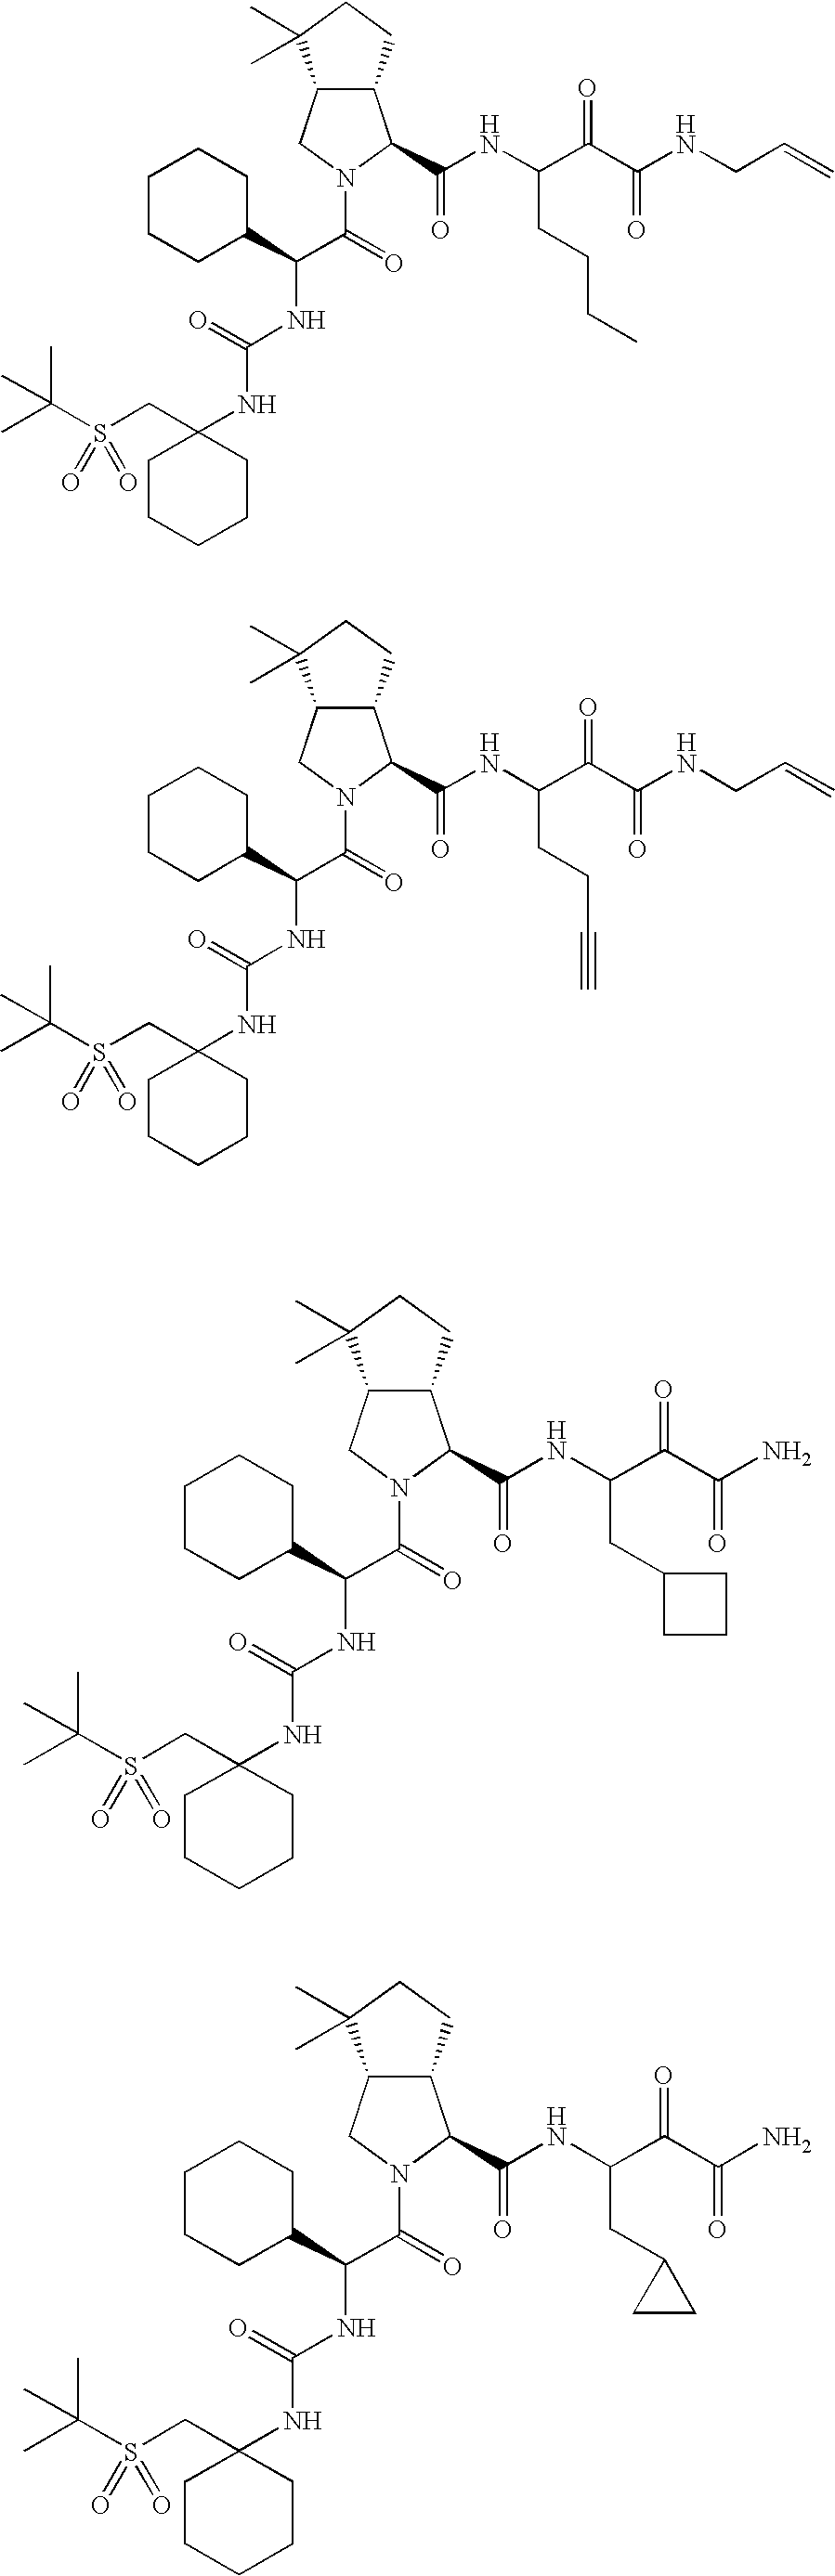 Figure US20060287248A1-20061221-C00524